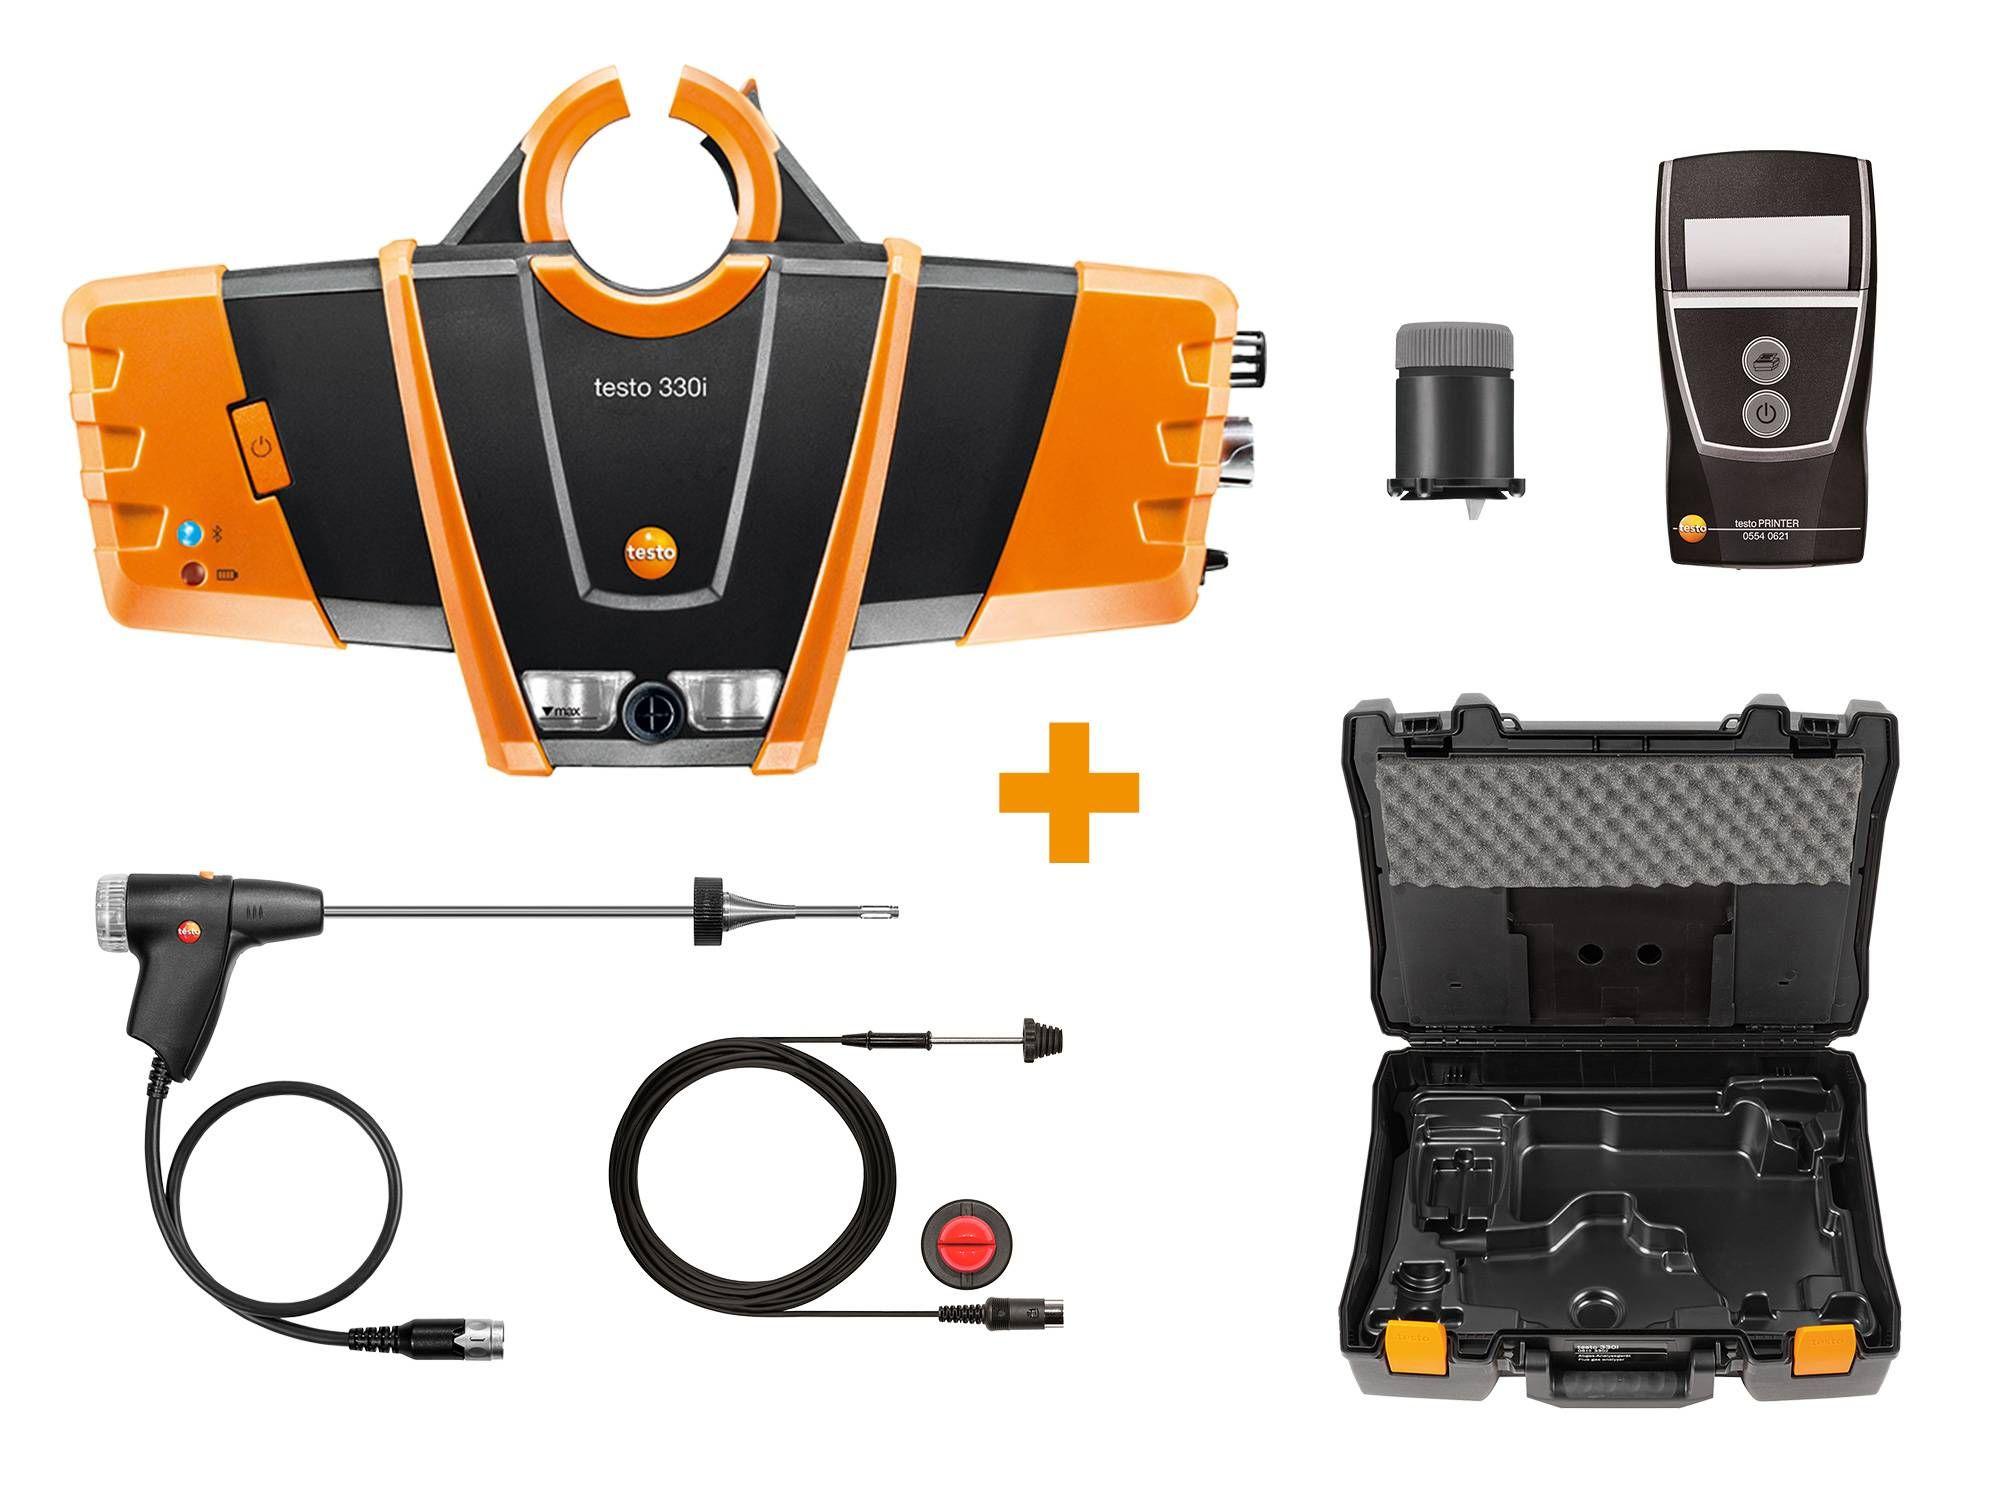 testo 330i LX Kit